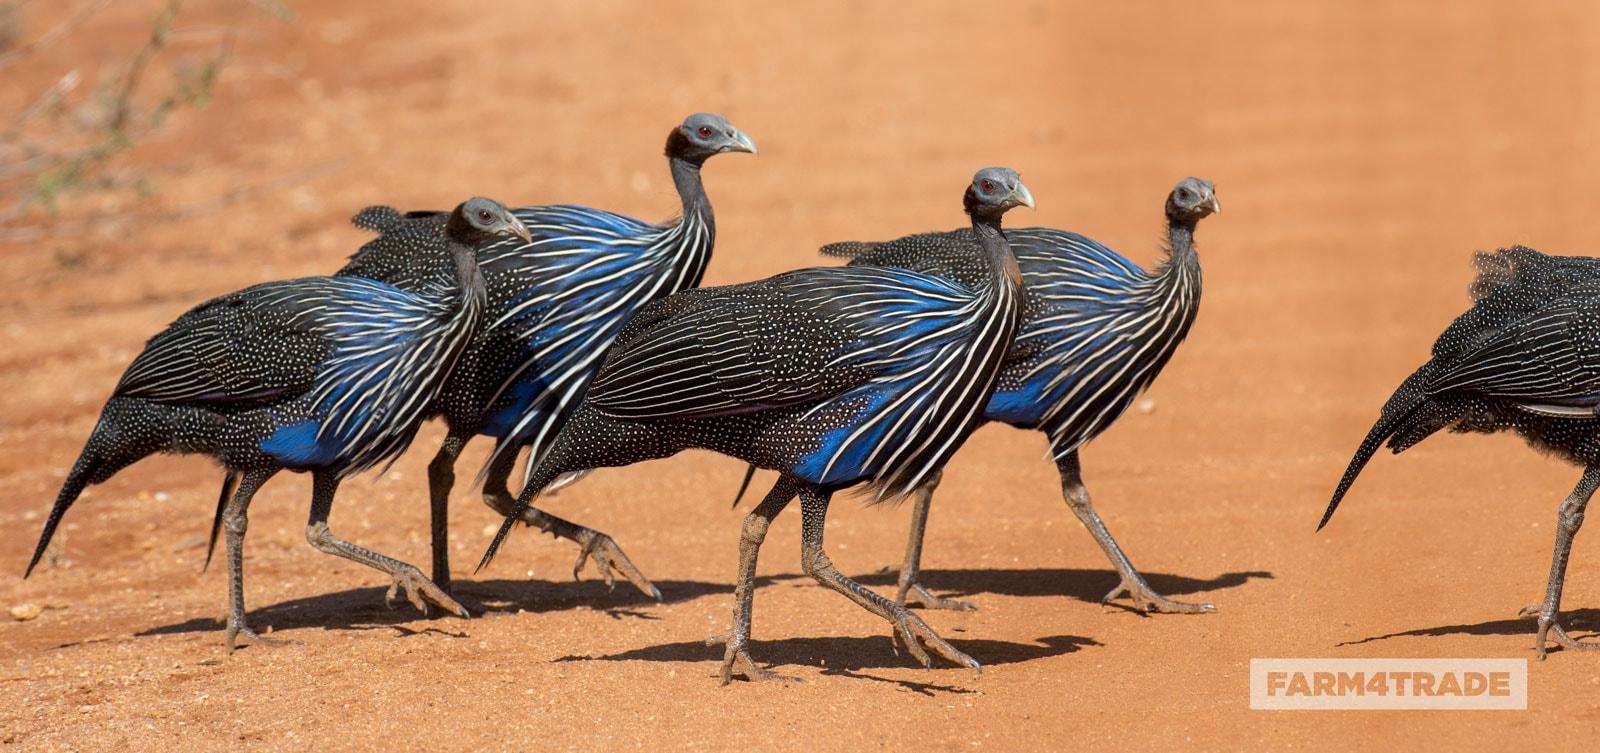 Farm4Trade-vulturine-Guinea-fowls